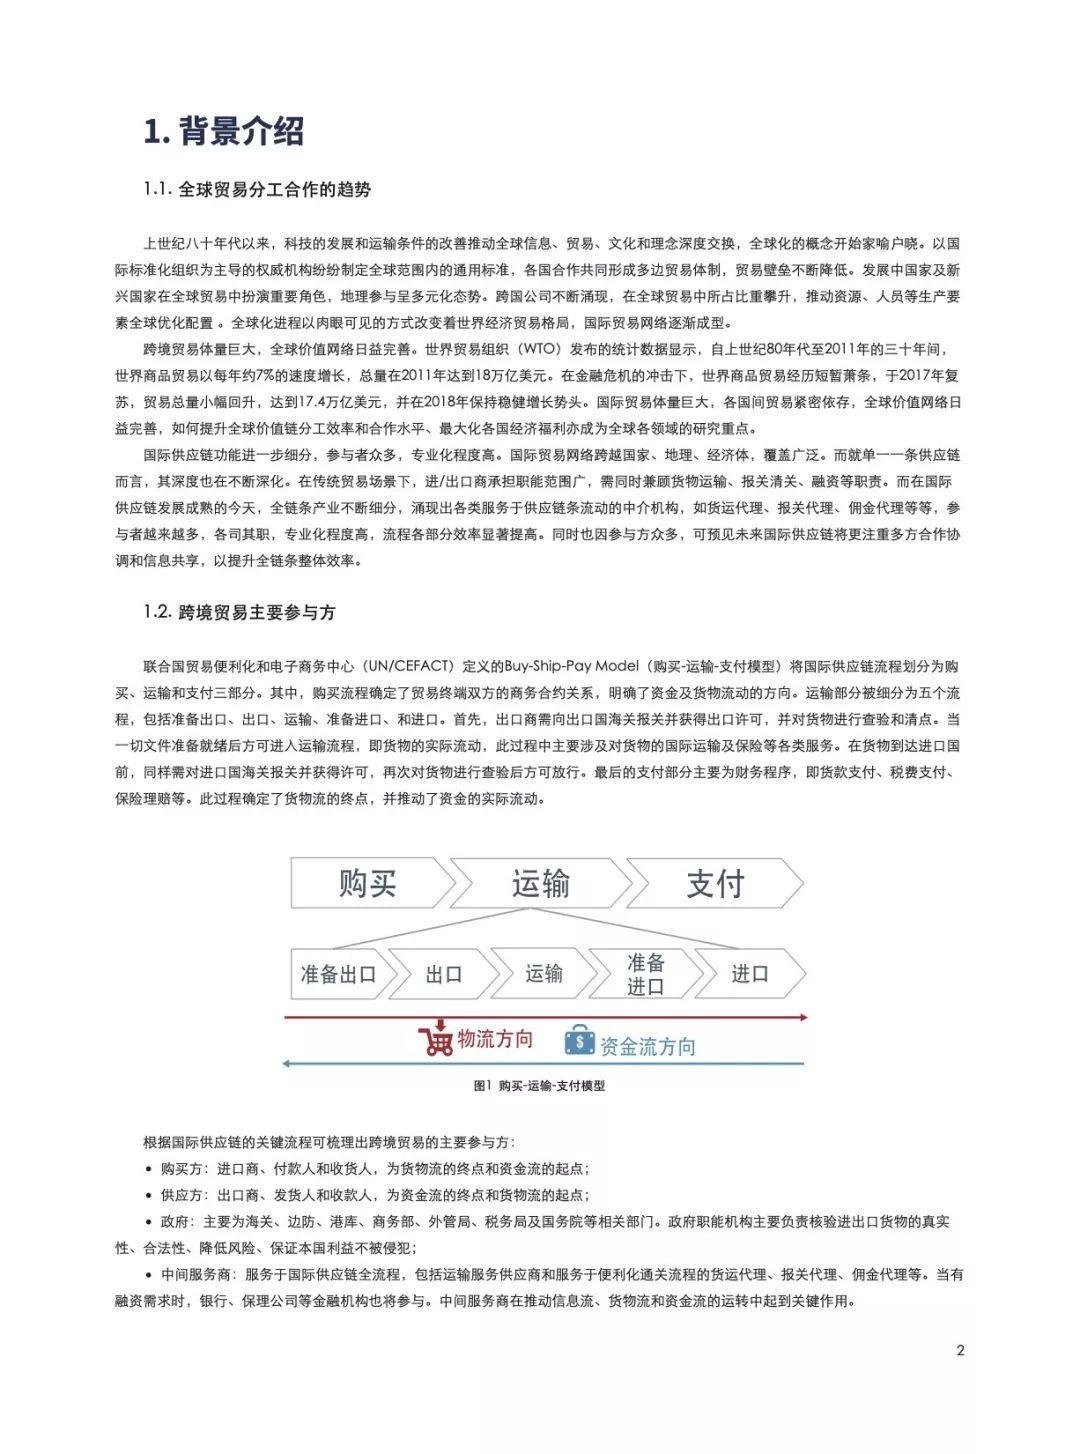 金融壹账通:跨境贸易区块链白皮书